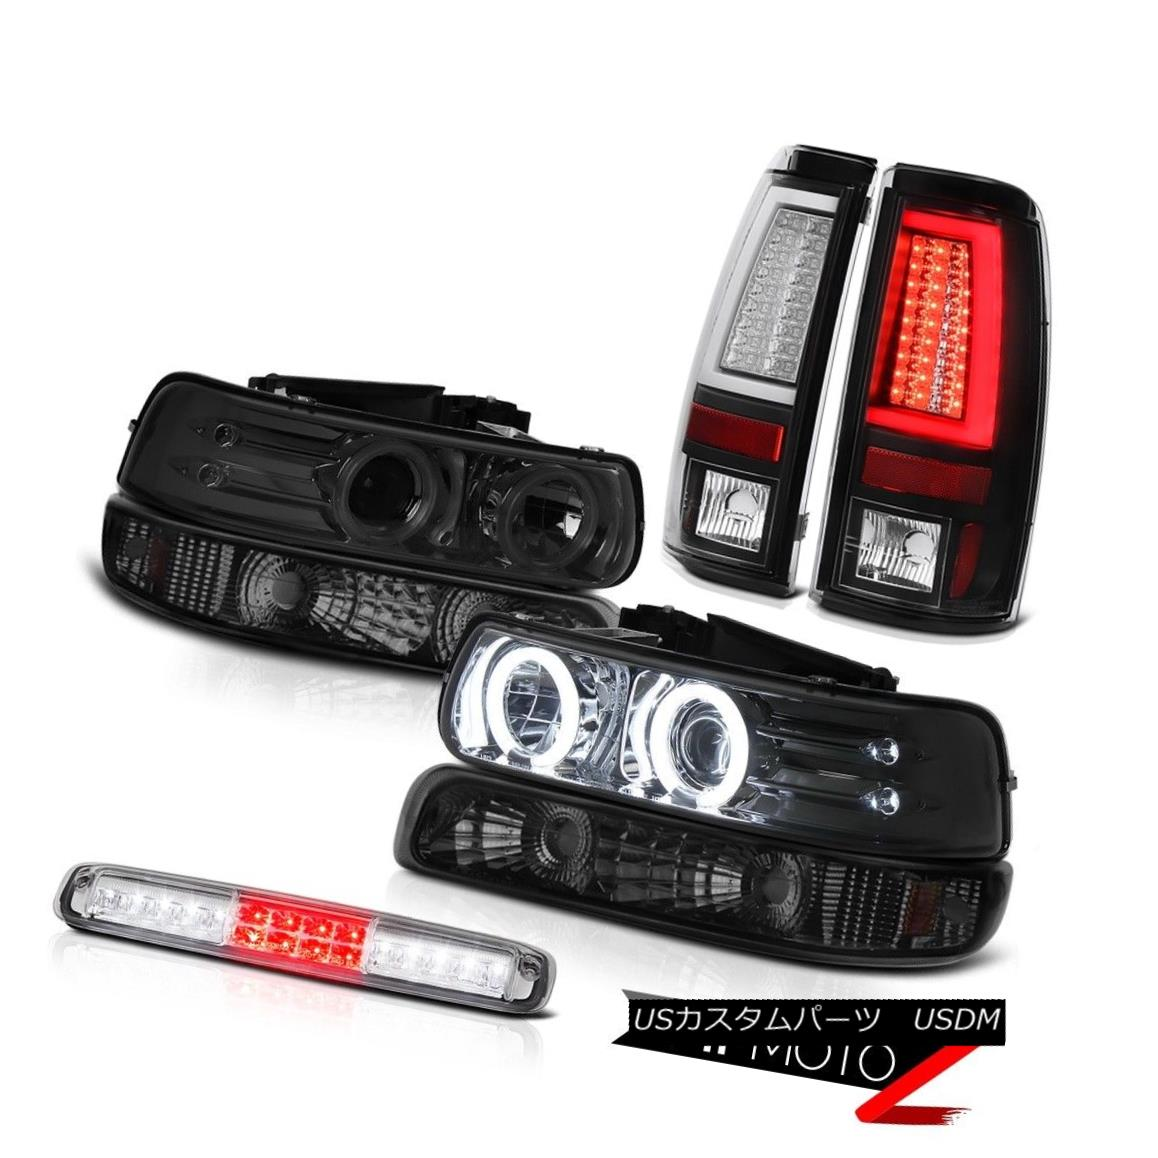 テールライト 1999-2002 Silverado 5.3L Taillamps Smokey Bumper Light Headlights High Stop Cool 1999-2002 Silverado 5.3L Taillampsスモーキーバンパーライトヘッドライトハイストップクール